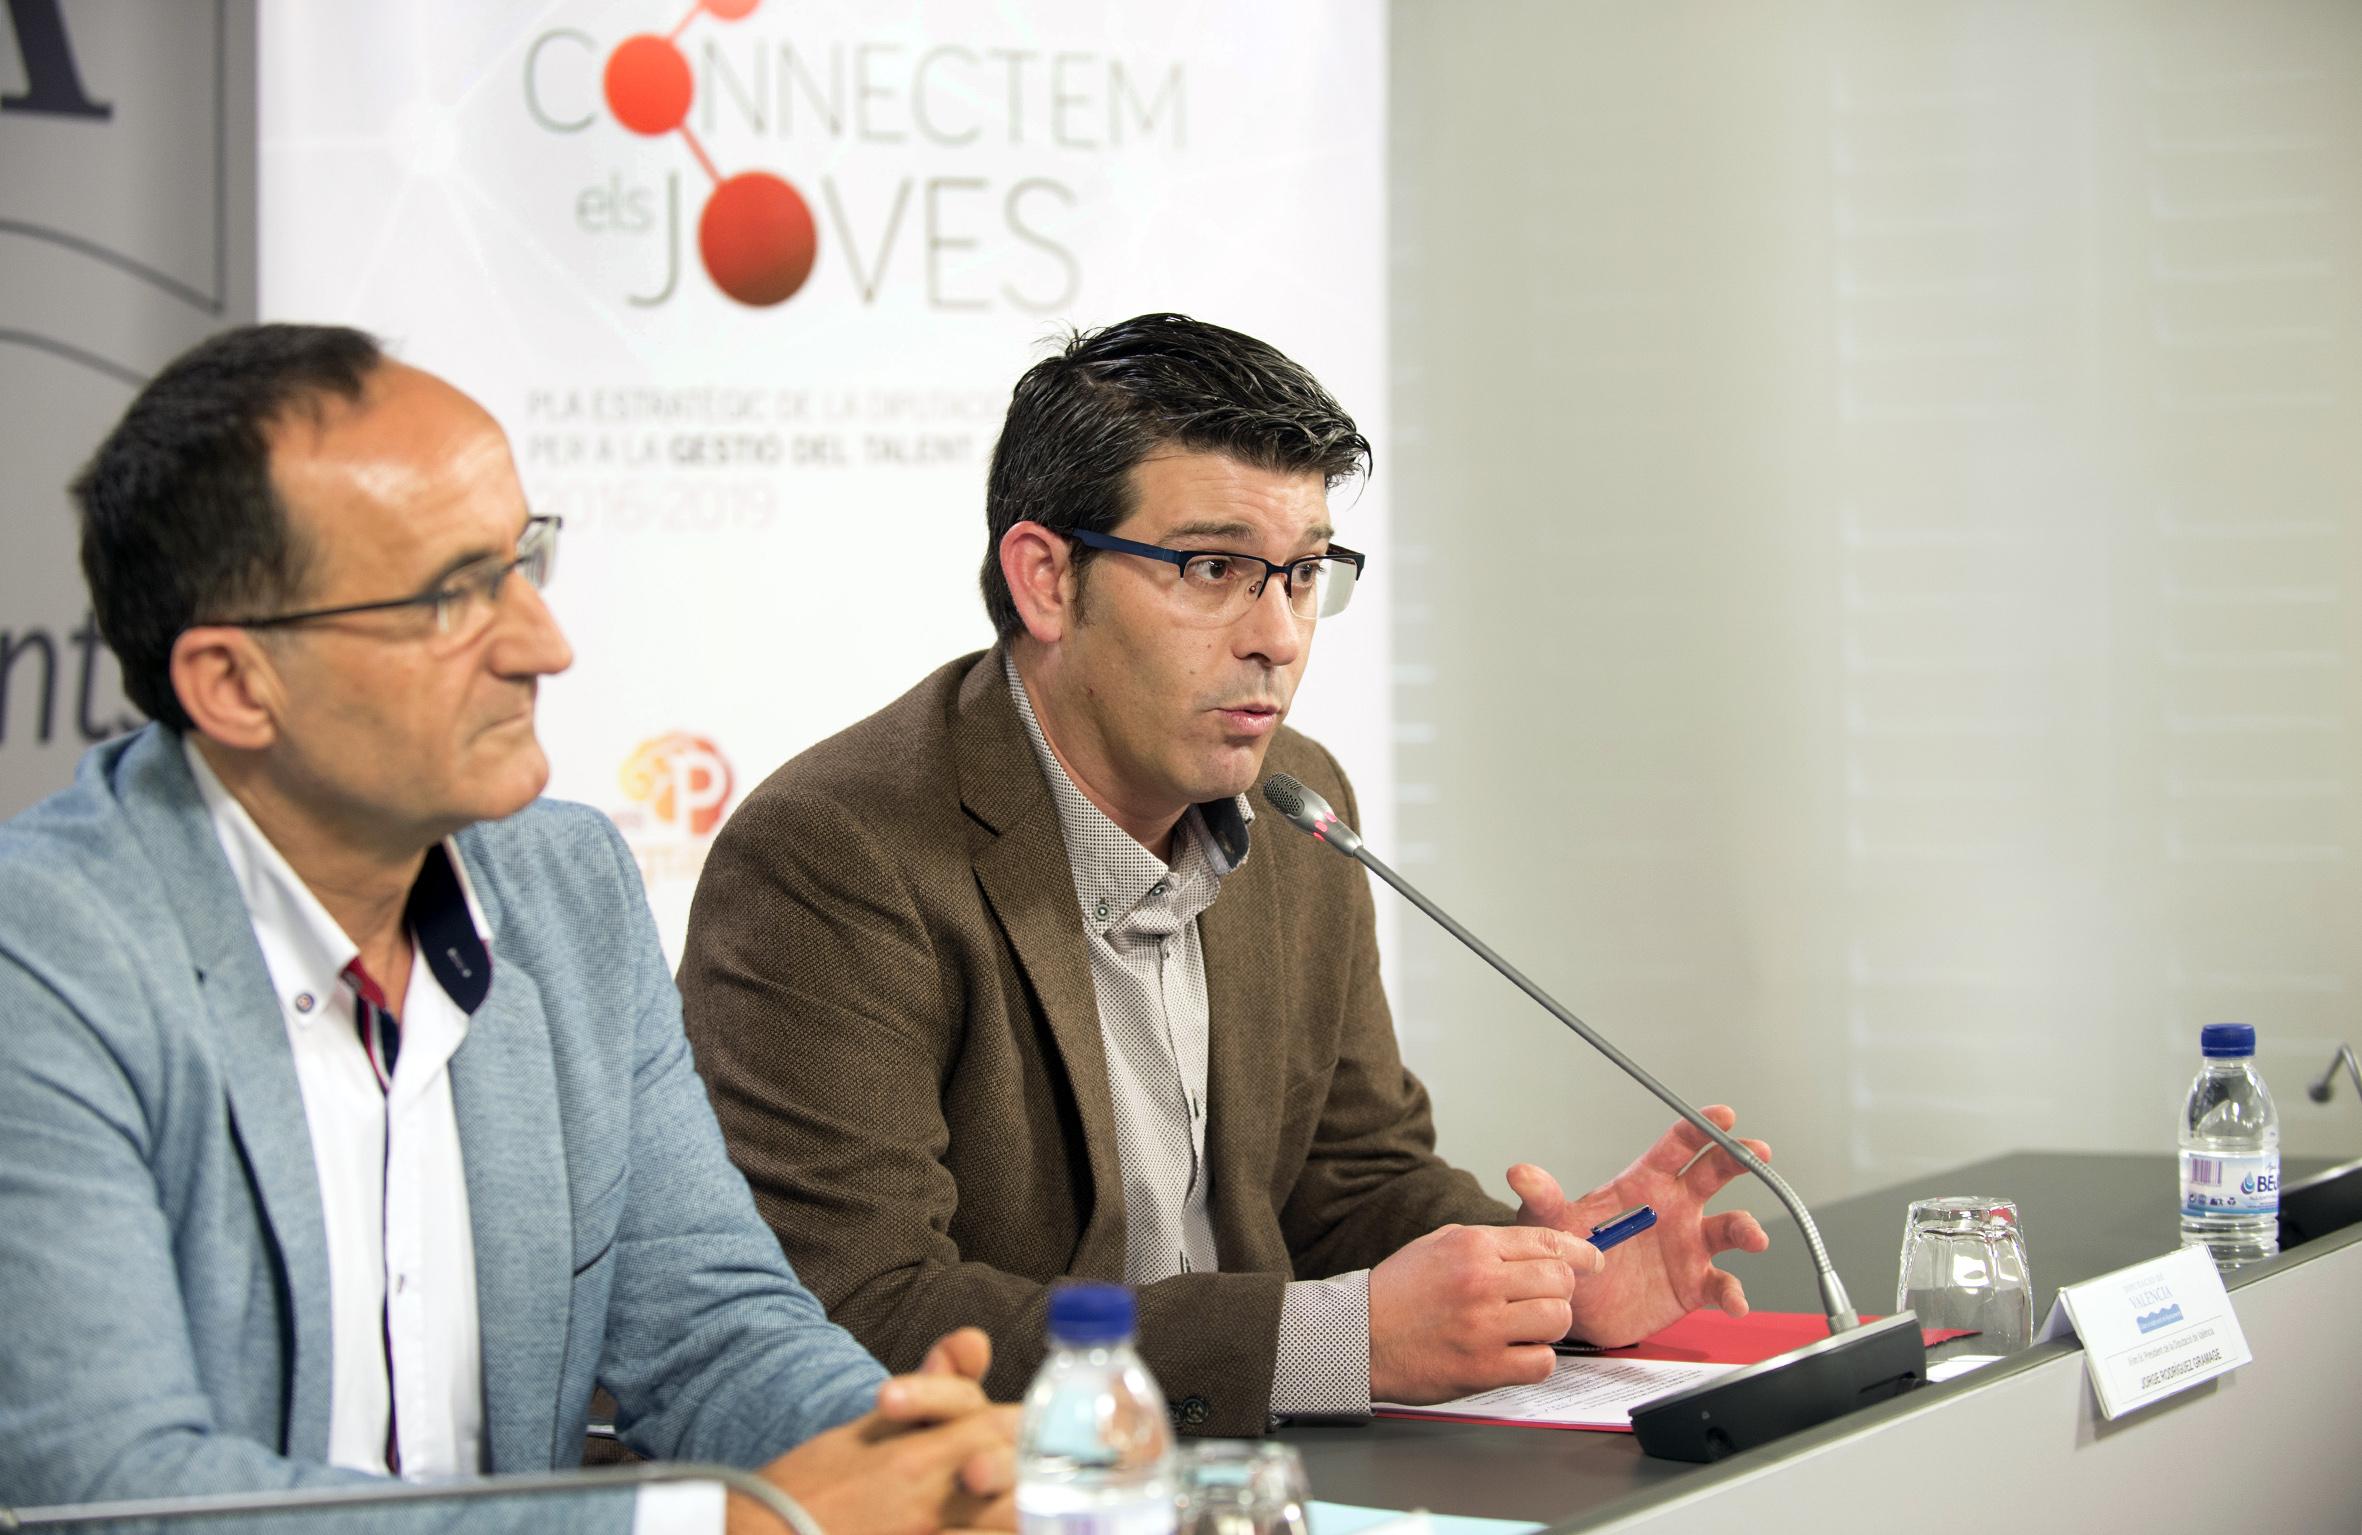 Jorge Rodríguez y el diputado Bartolomé Nofuentes durante la presentación.